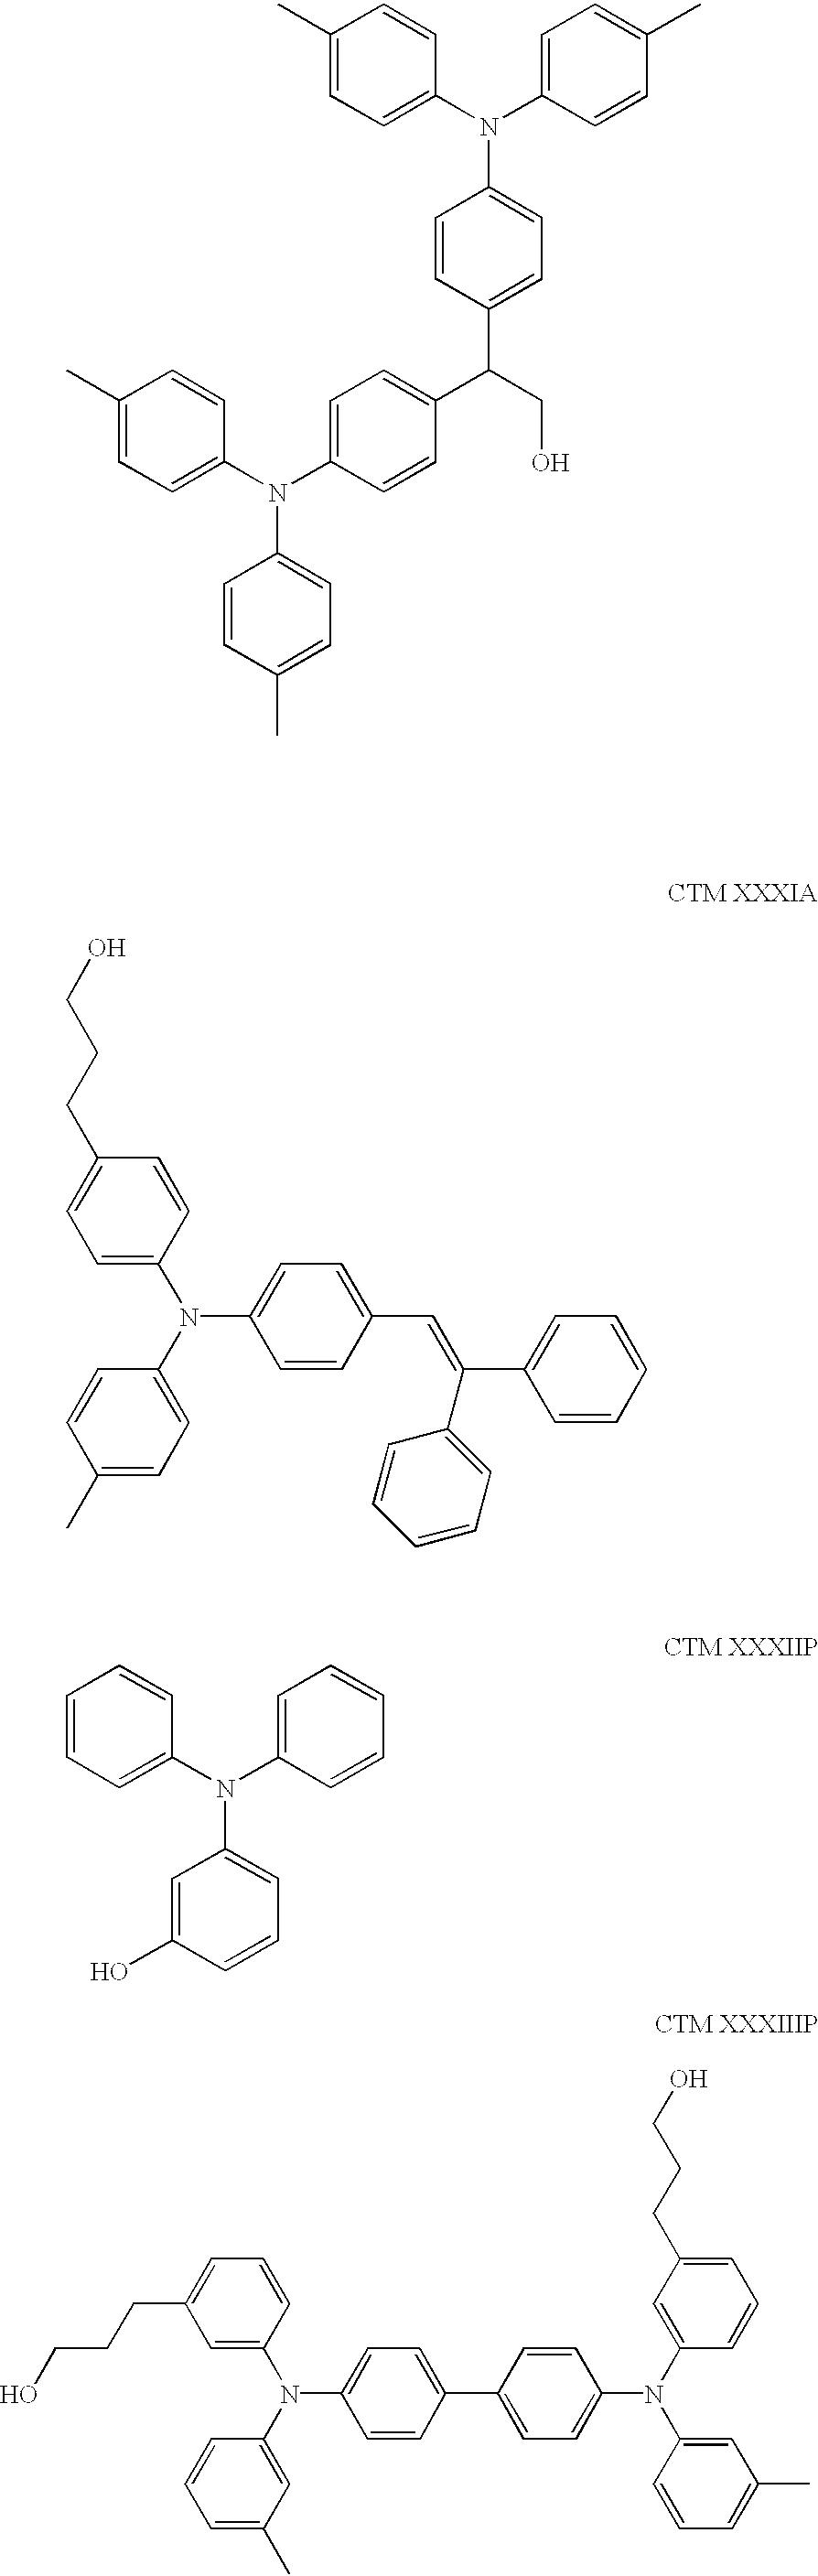 Figure US06517984-20030211-C00010